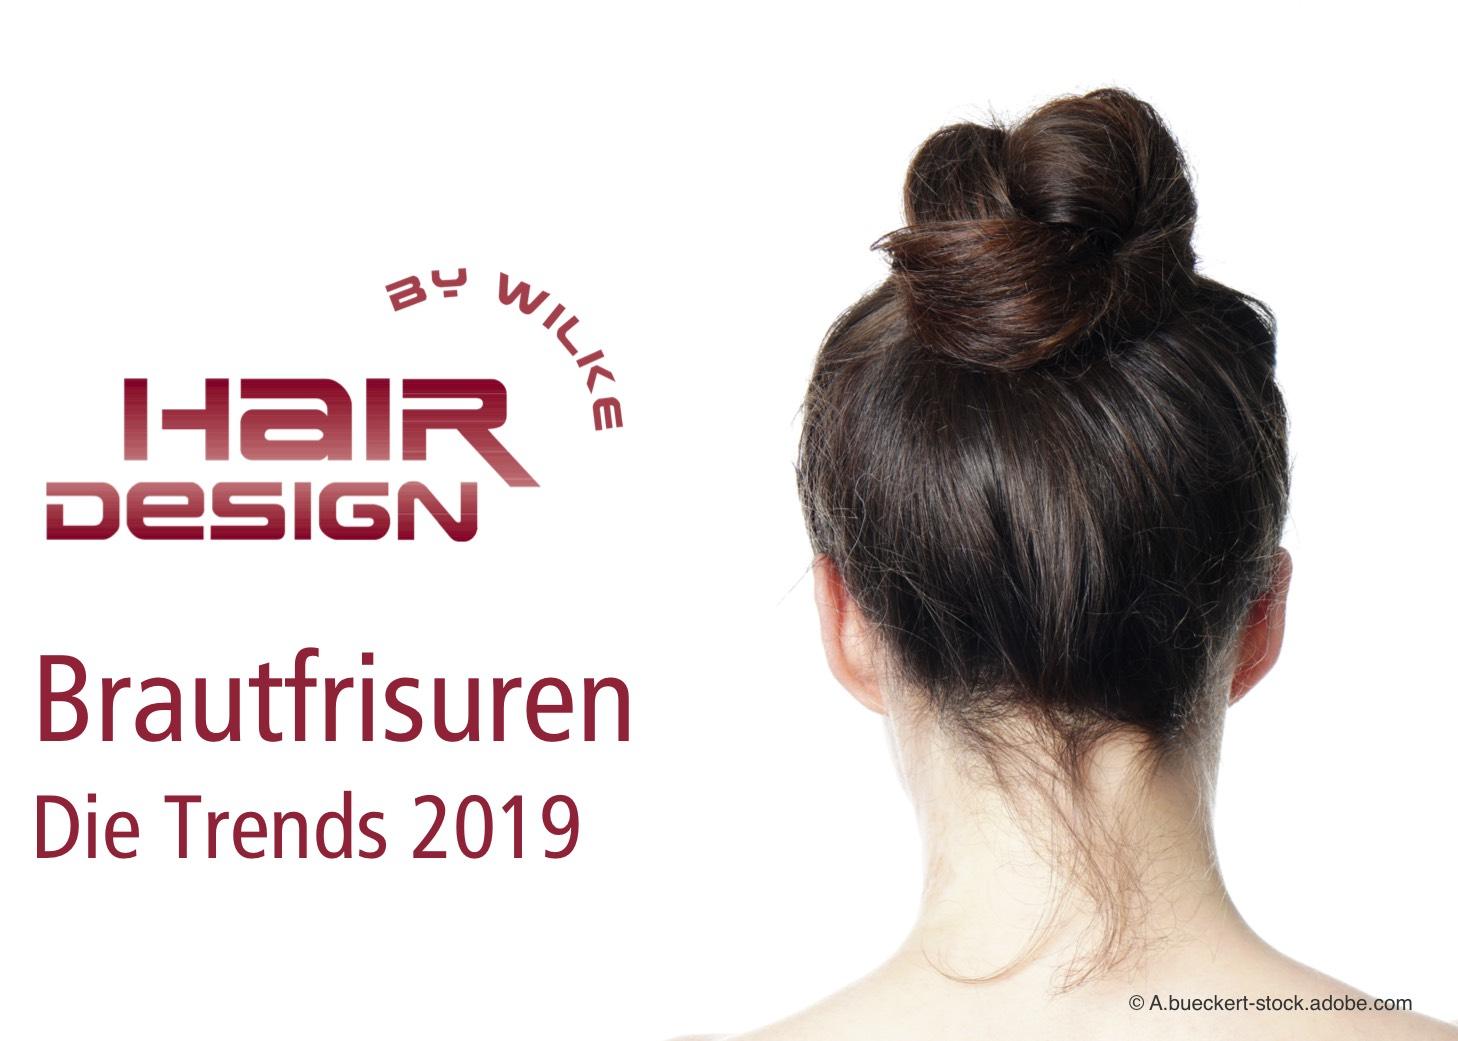 Brautfrisuren: Die Trends 2019